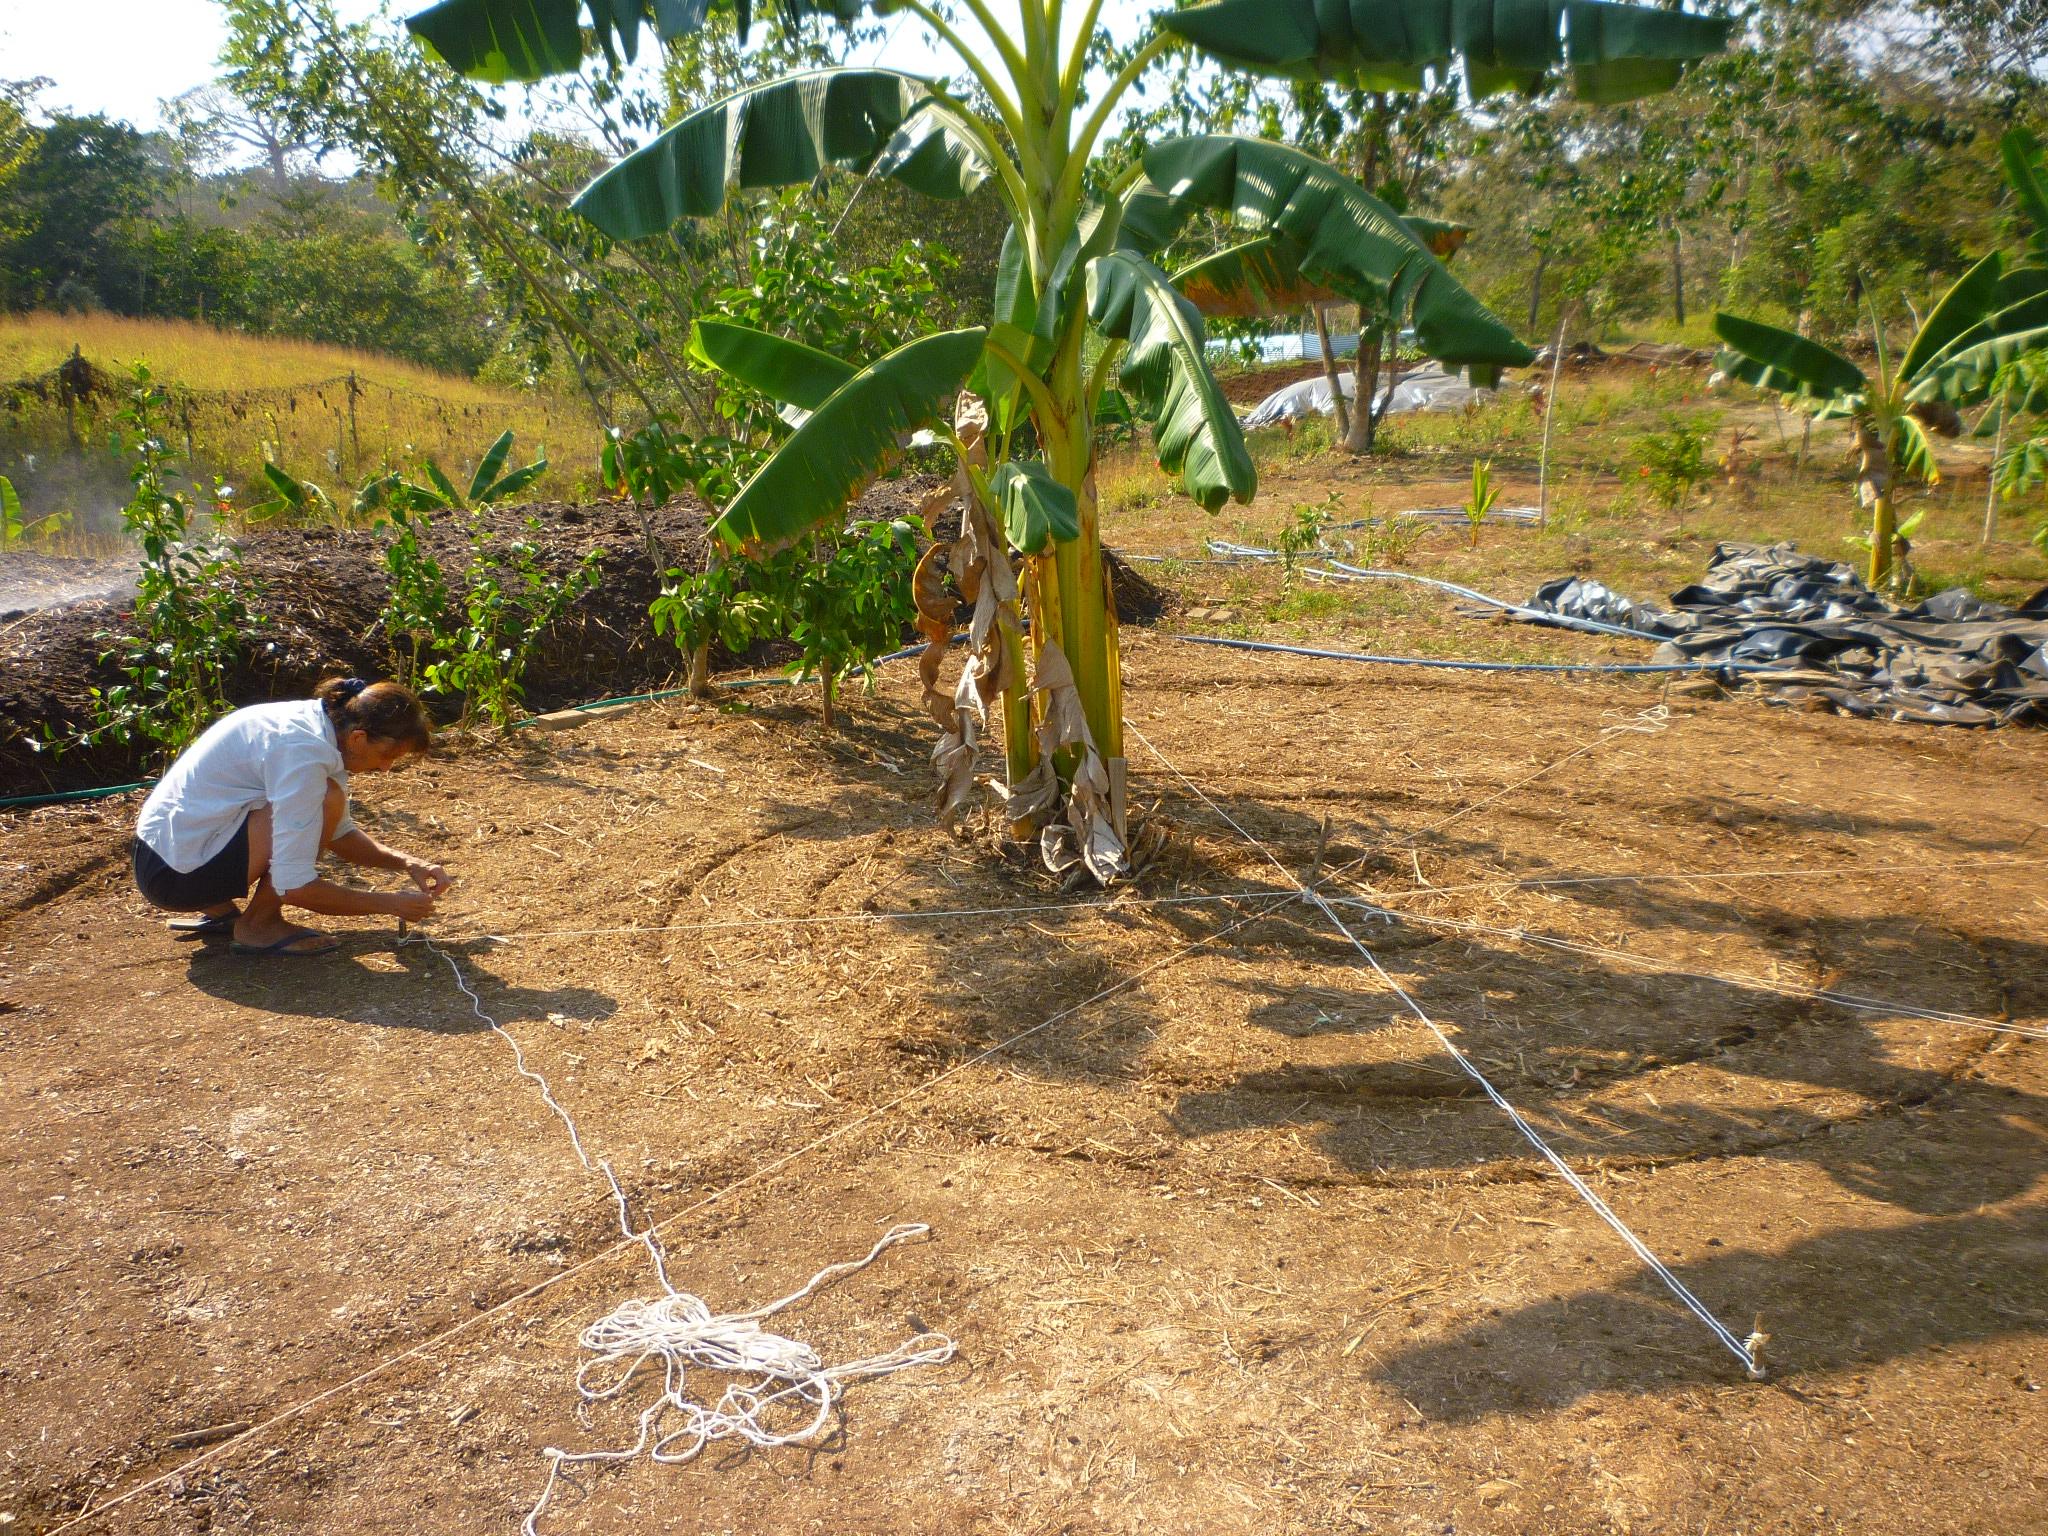 Making An Herb Garden The Design Part Ii